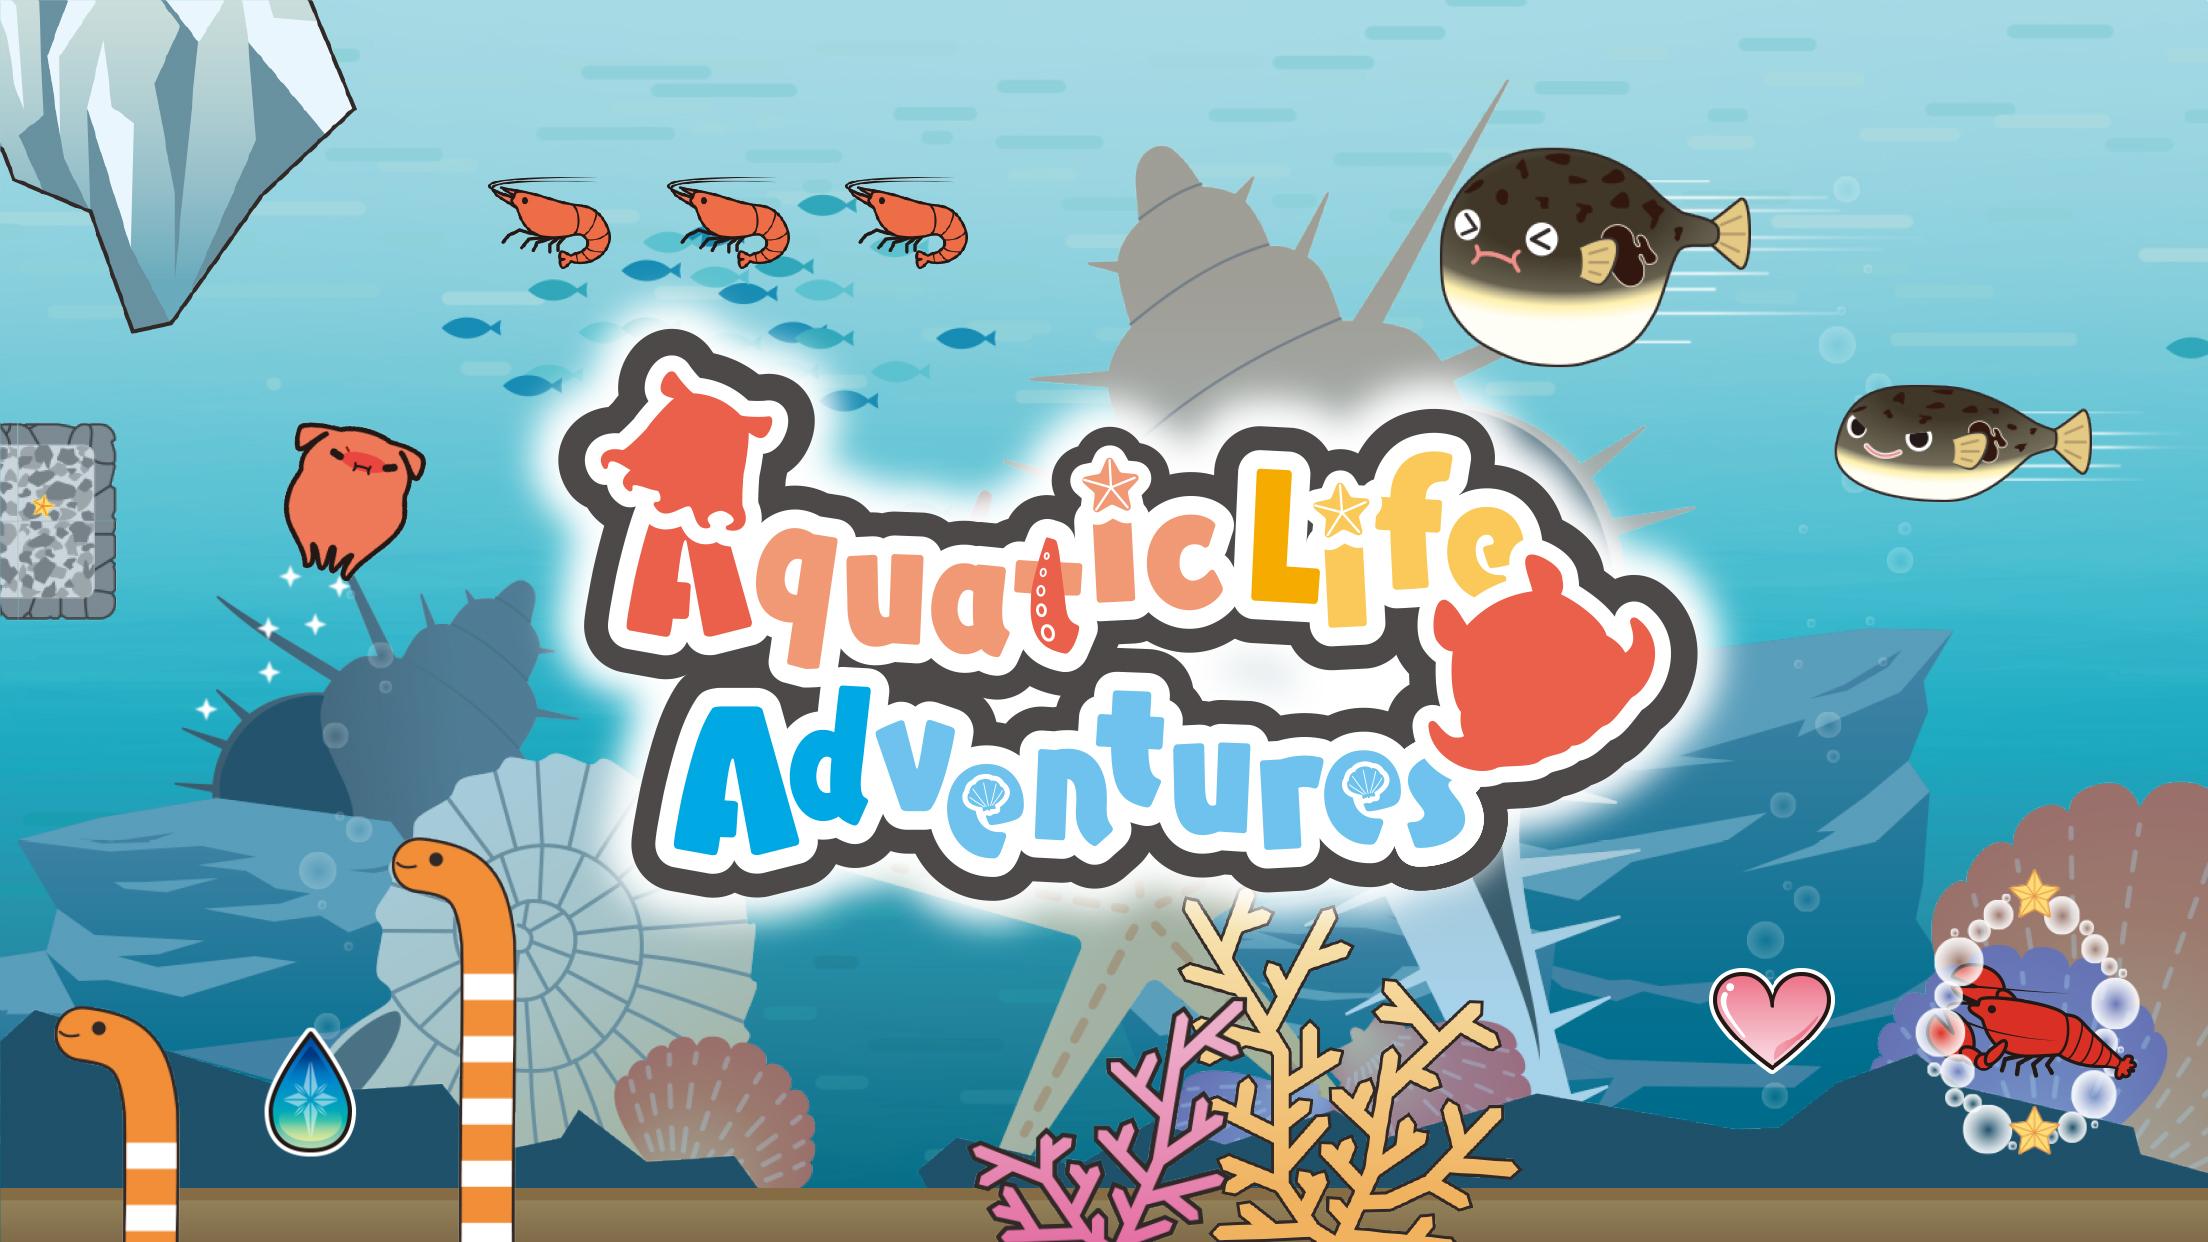 Aquatic life adventures